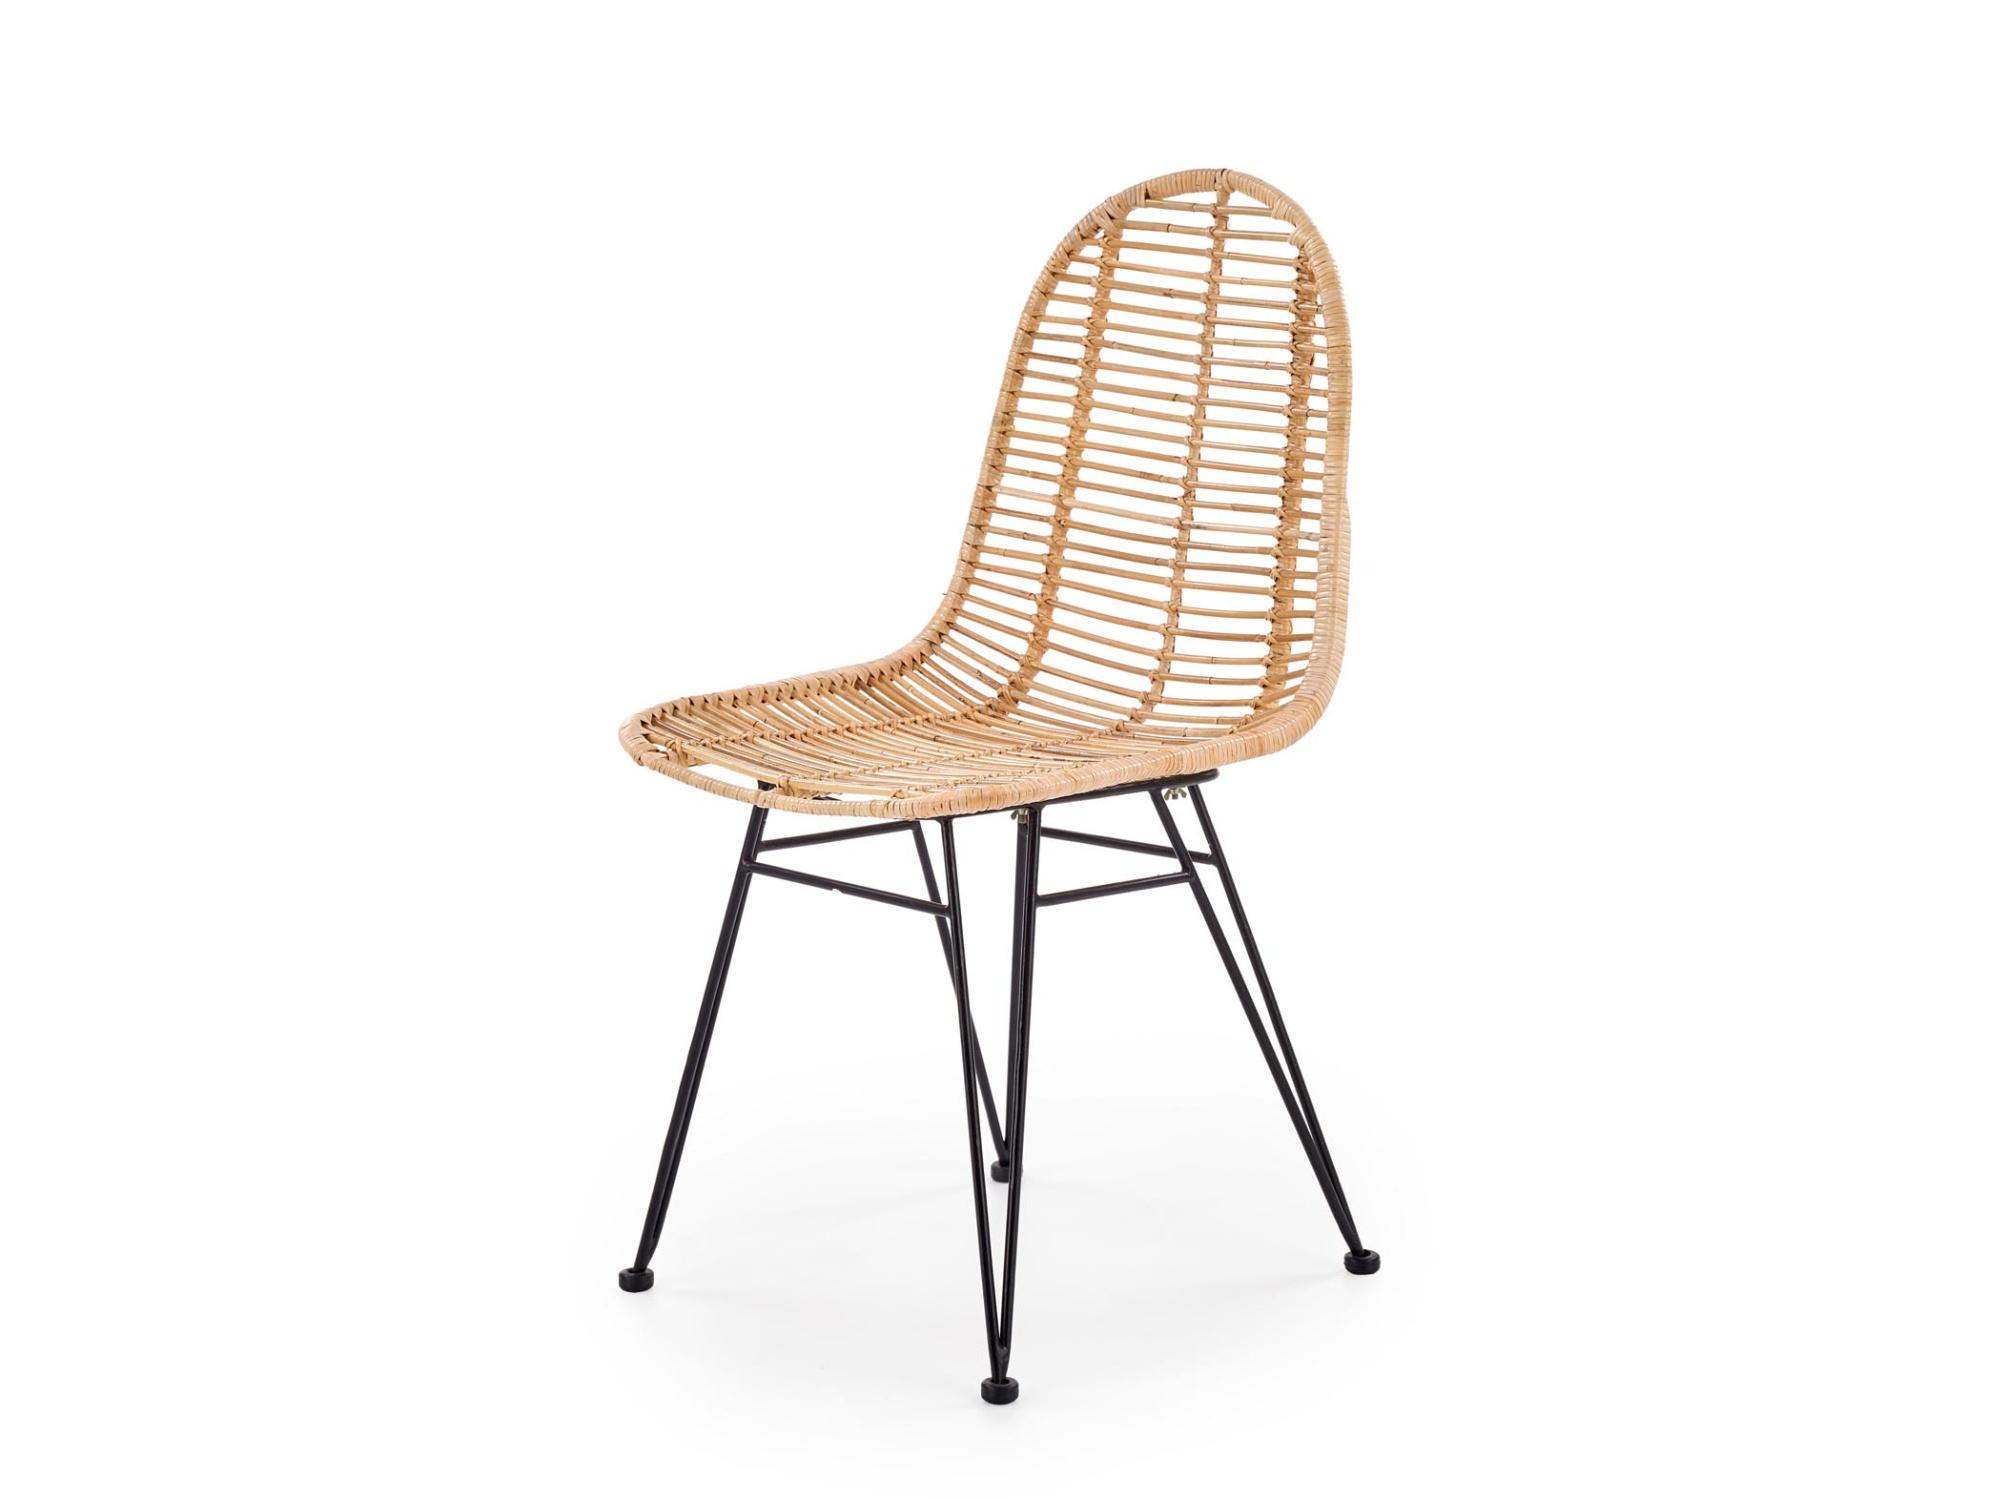 Ratanová jídelní židle K-337, přírodní